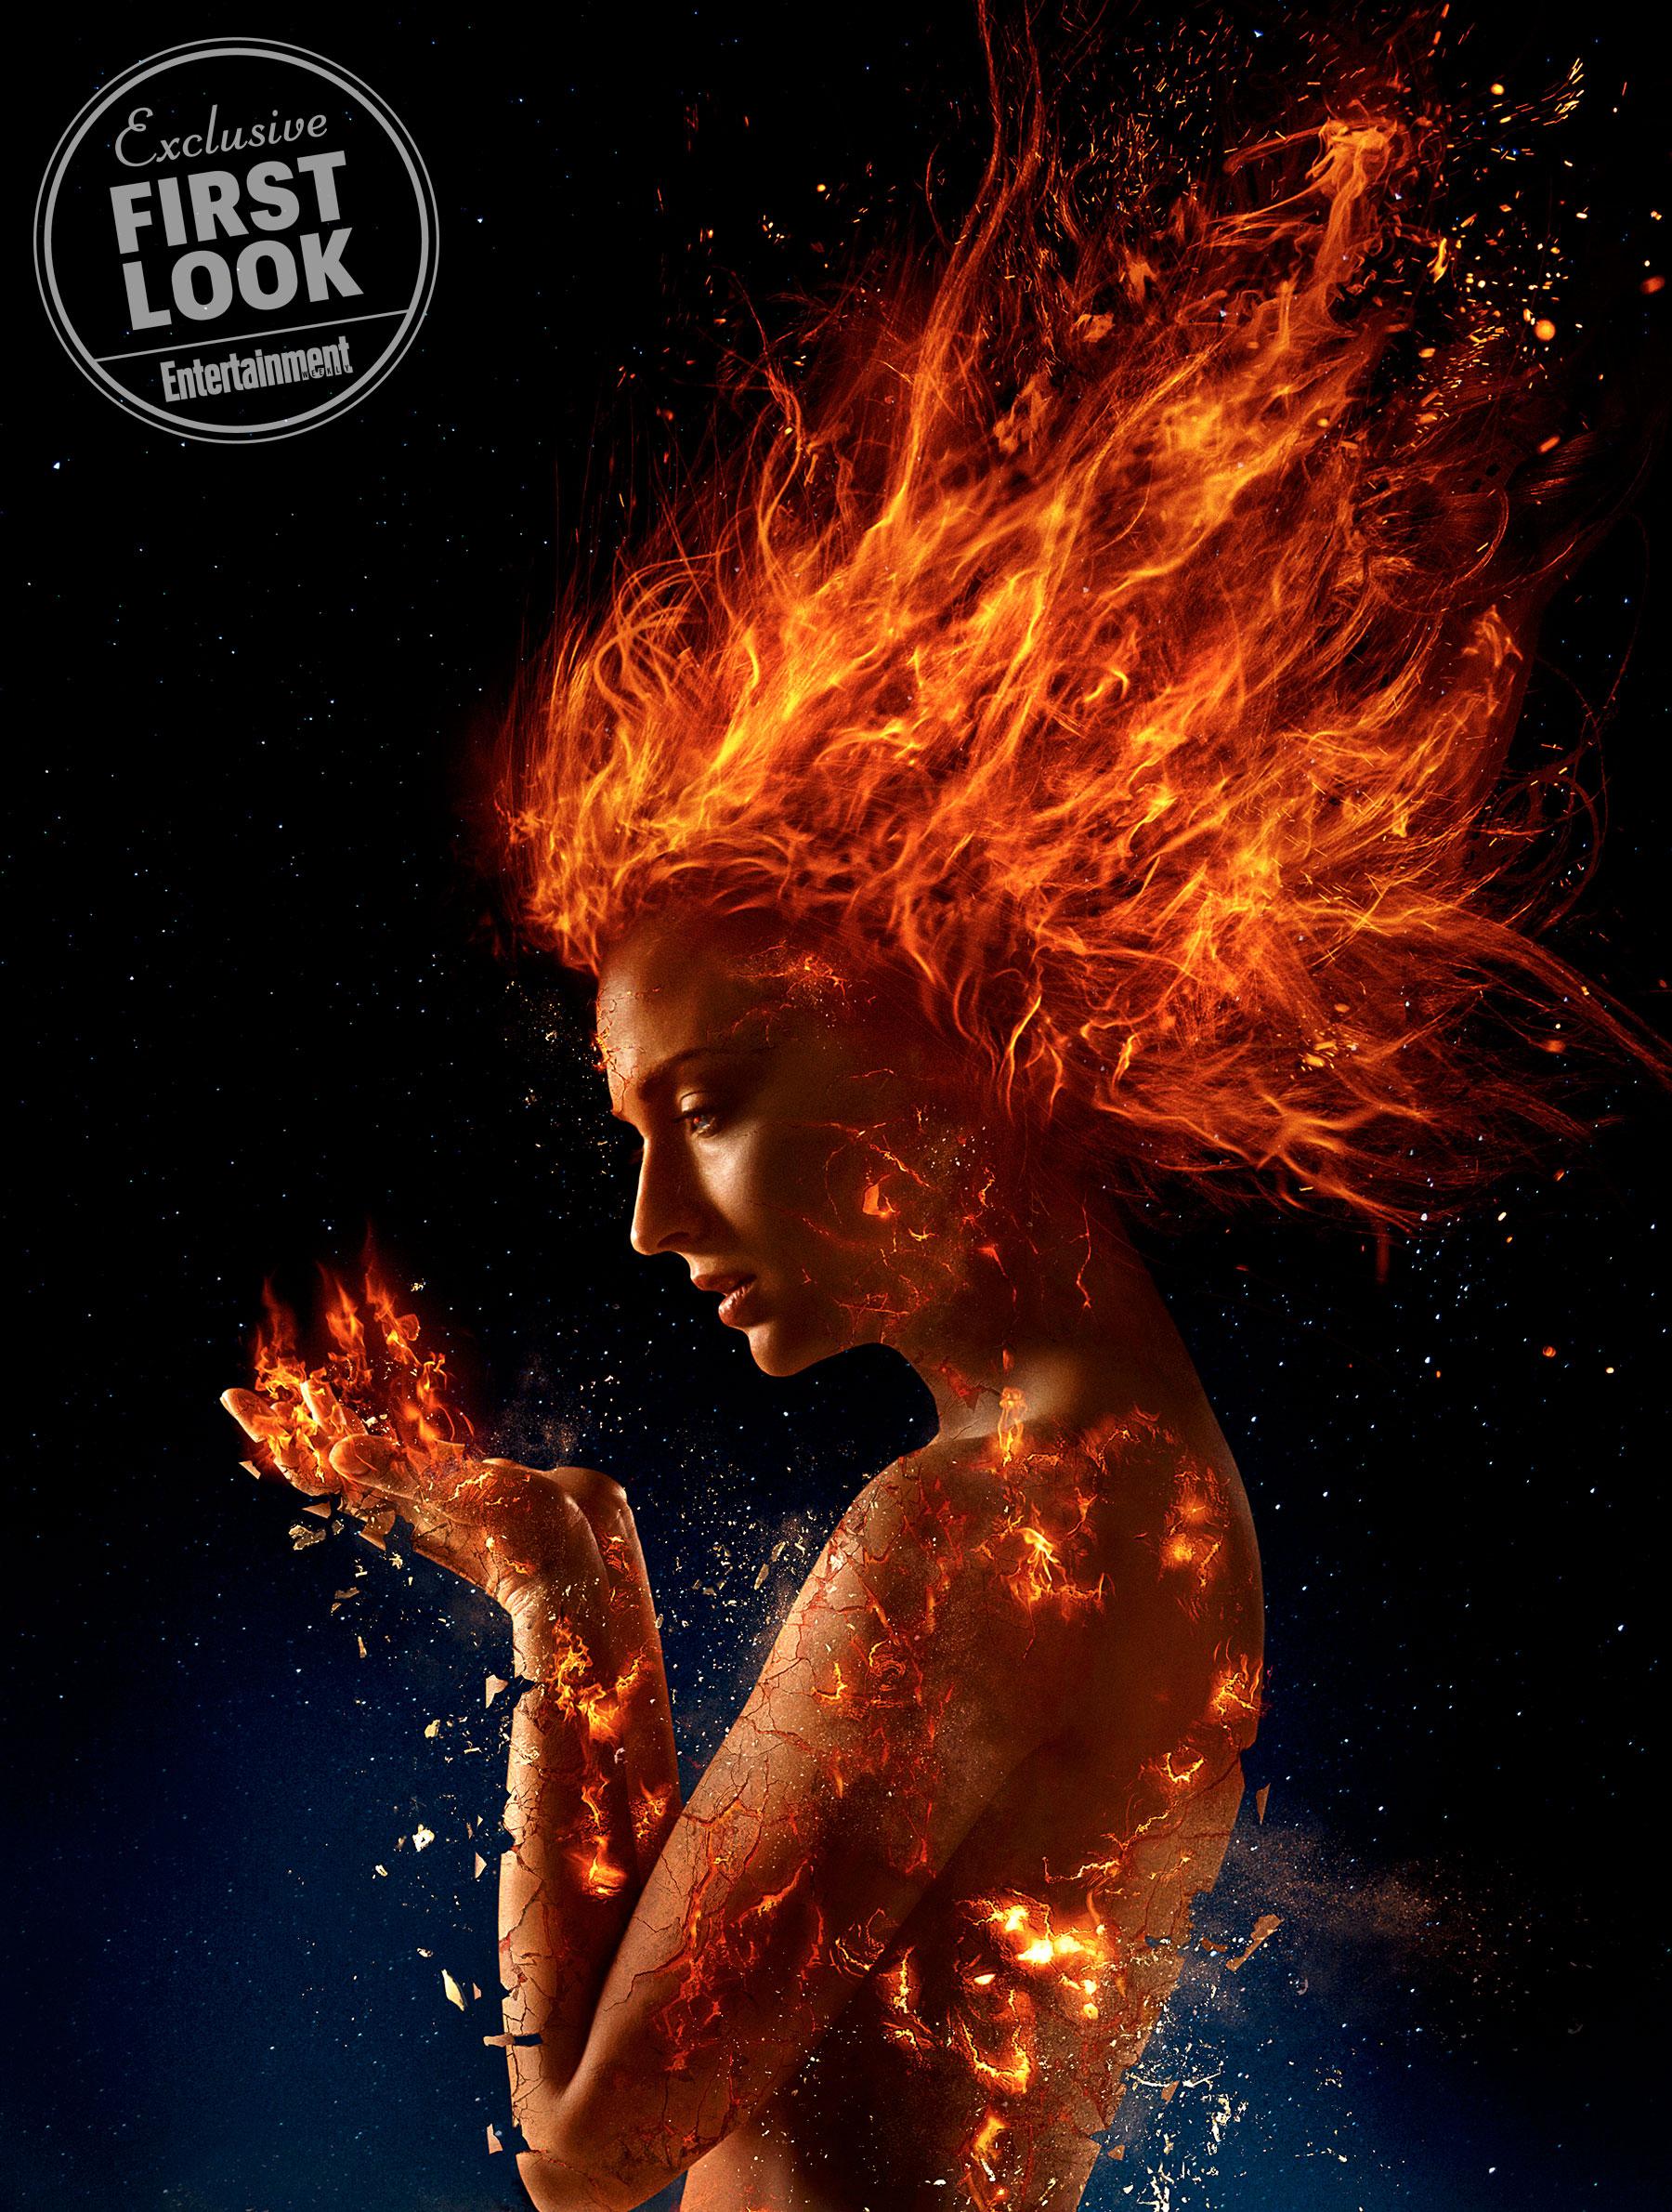 Sophie Turner as Jean Grey/Dark Phoenix